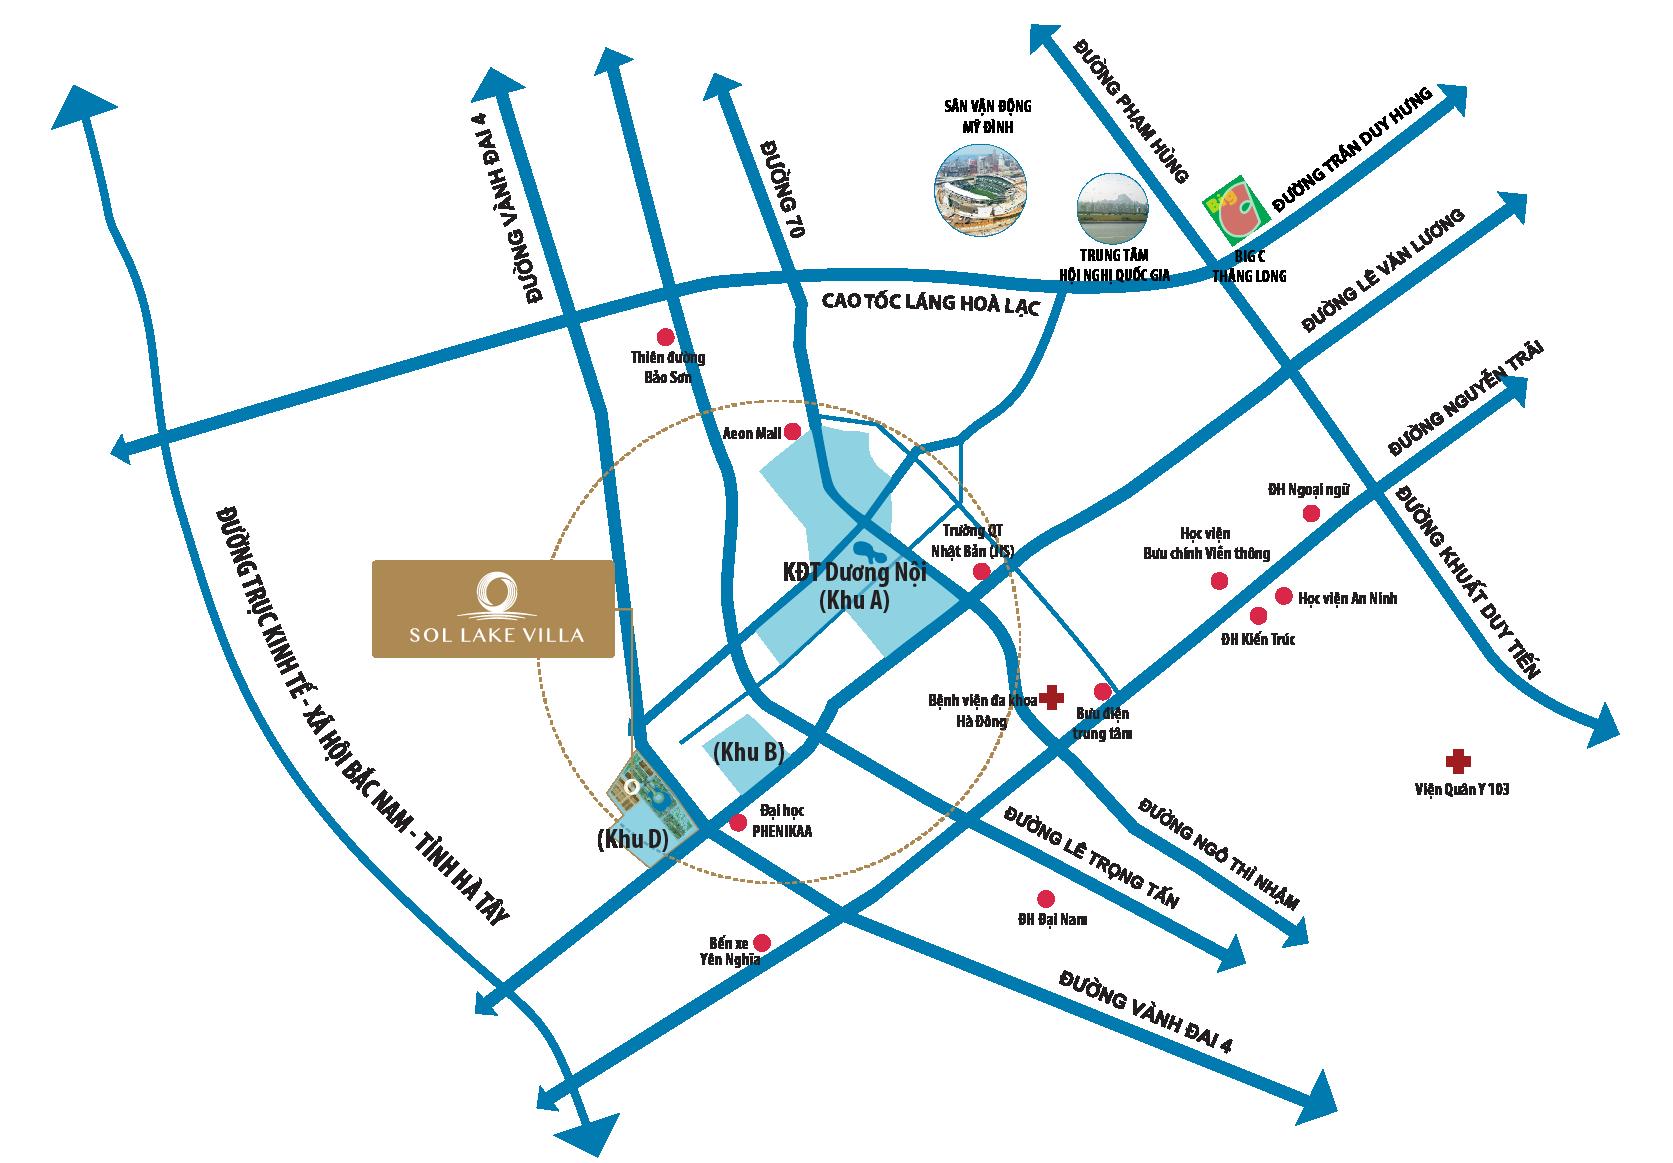 vị trí dự án sol lake villa đô nghĩa dương nội